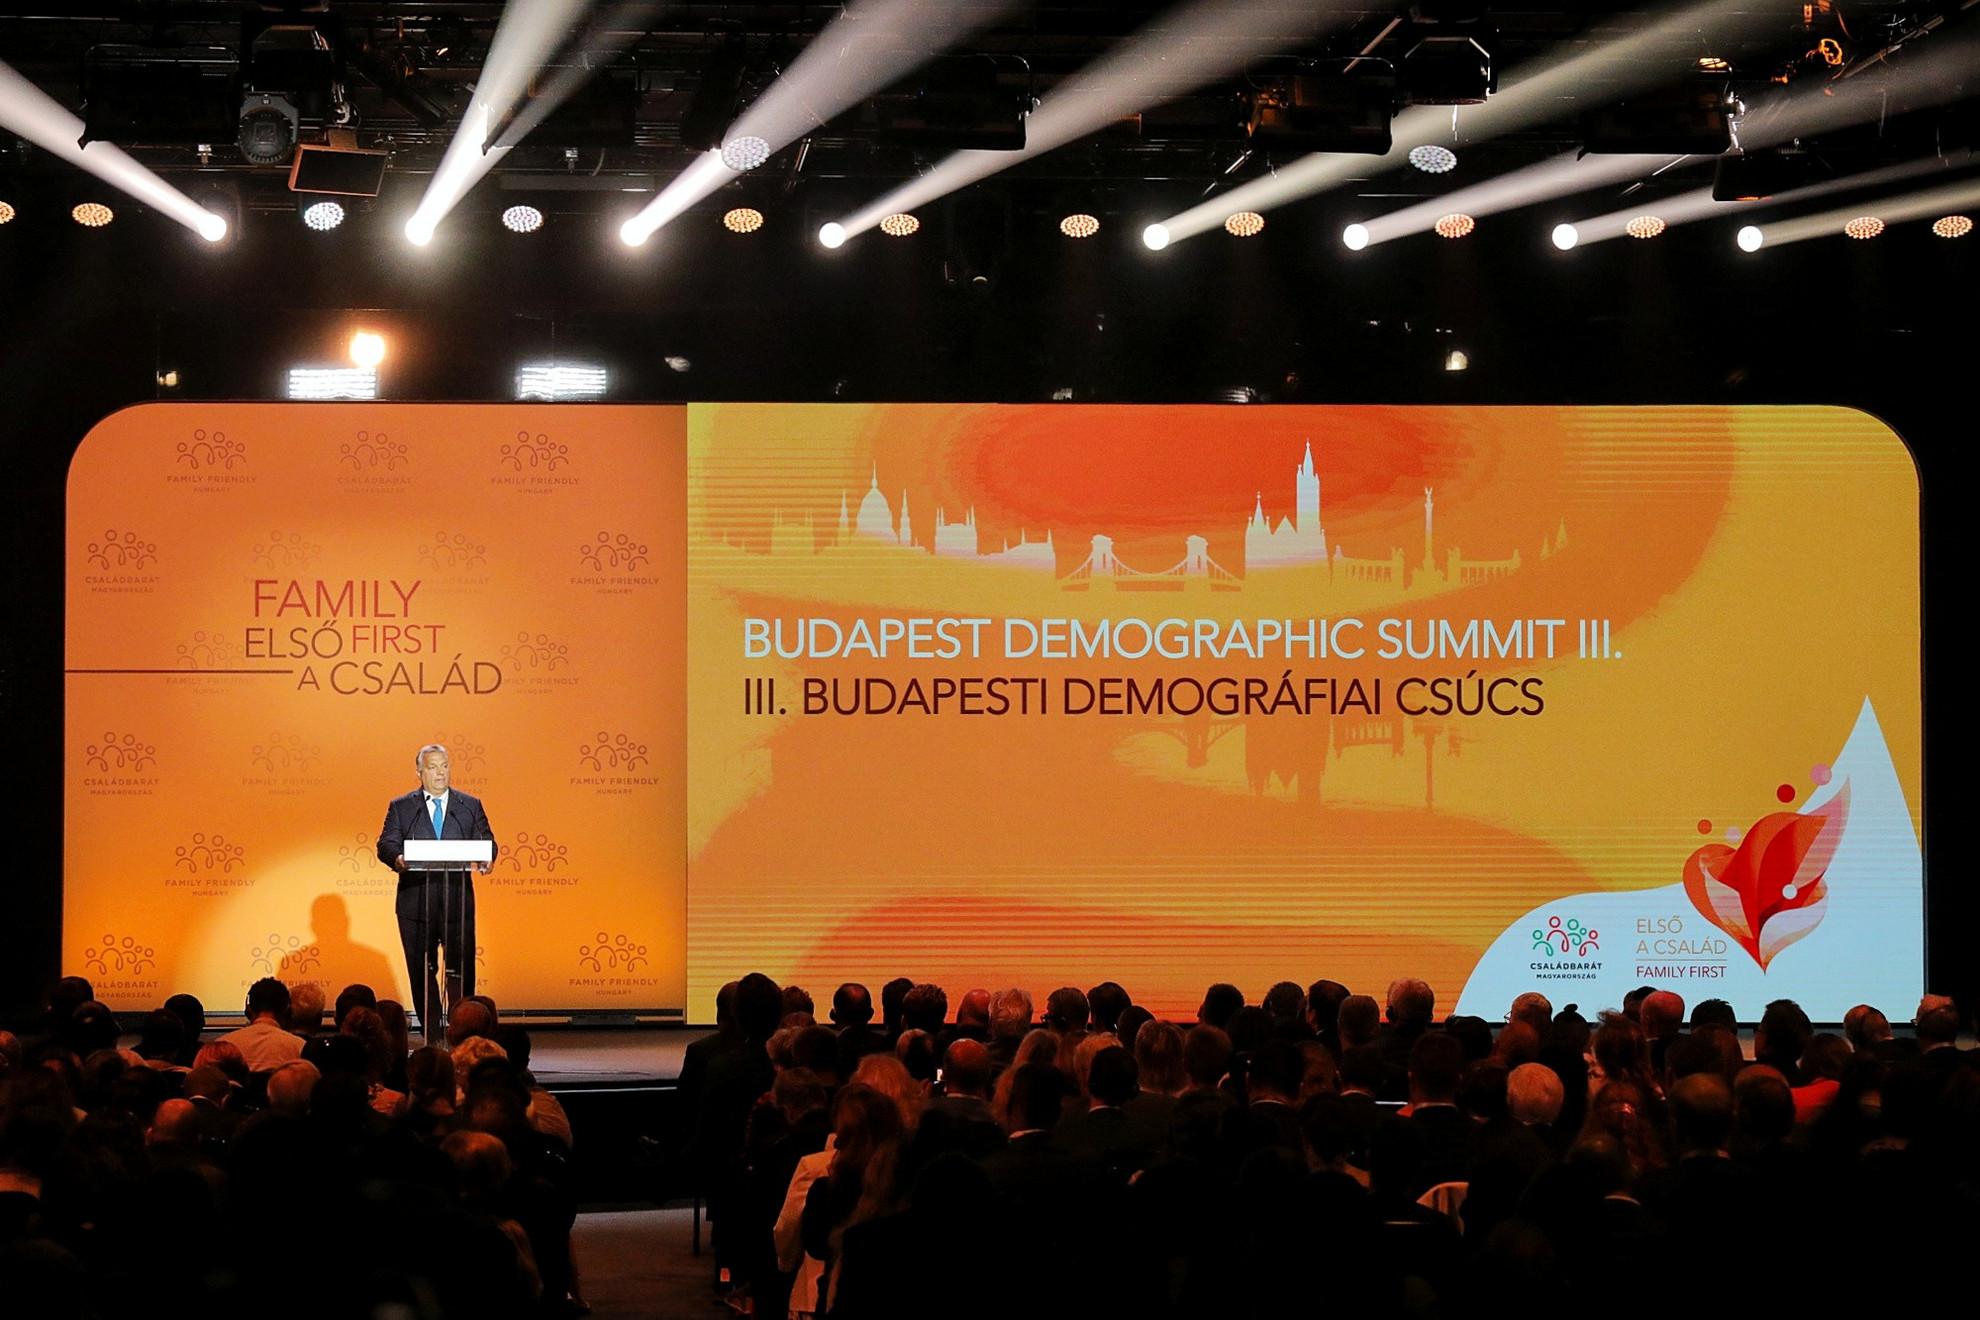 Európai jelenség a népesség csökkenése, szögezte le a miniszterelnök